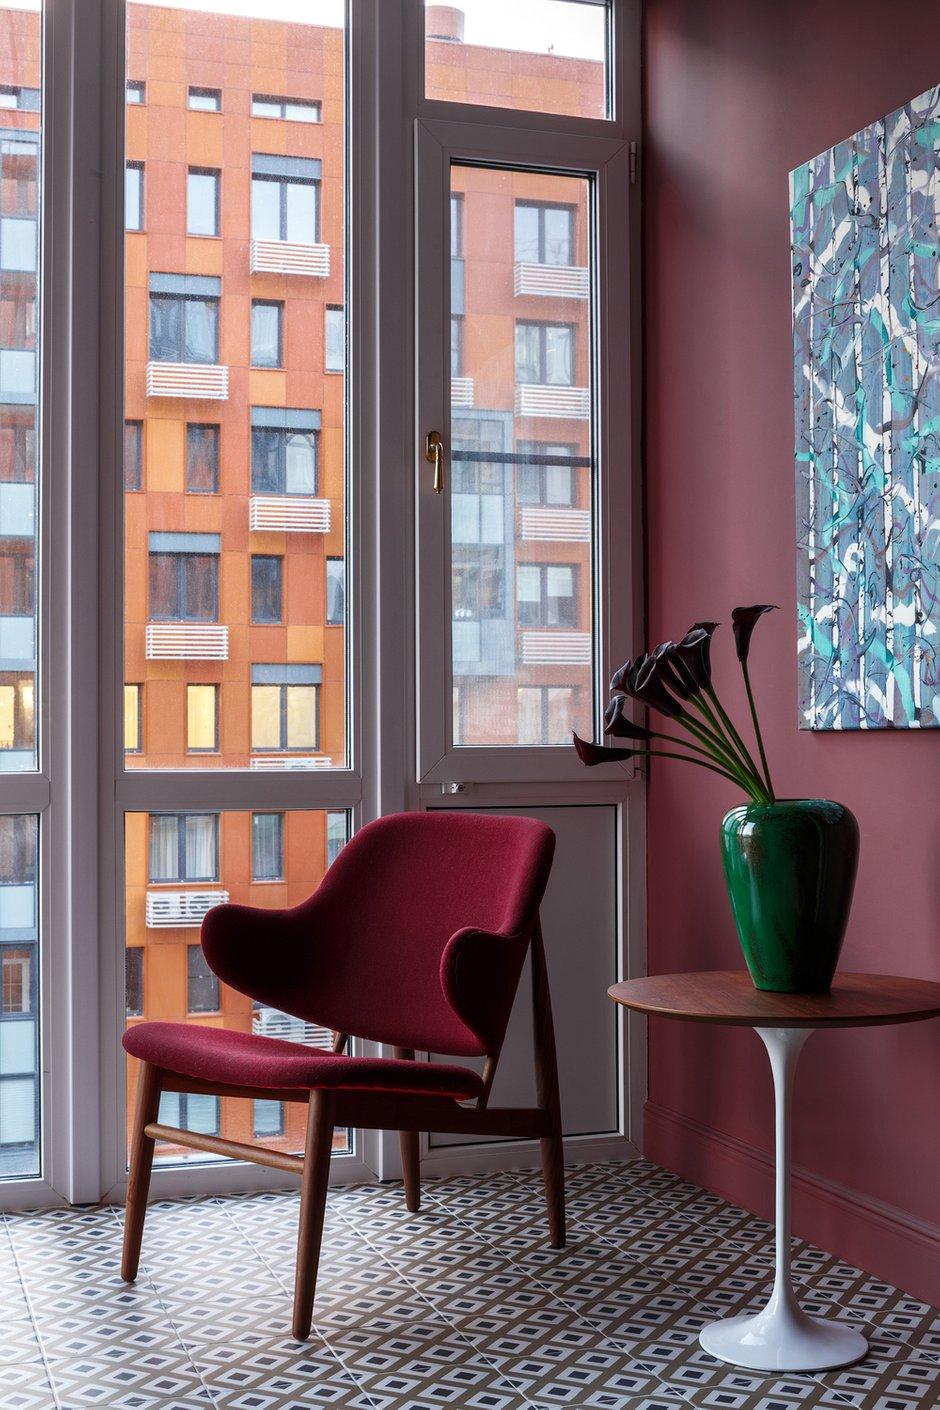 Фотография: Балкон в стиле Современный, Эклектика, Квартира, Проект недели, Москва, Надя Зотова, 4 и больше, Более 90 метров, студия Enjoy Home, Никита Теплицкий – фото на INMYROOM